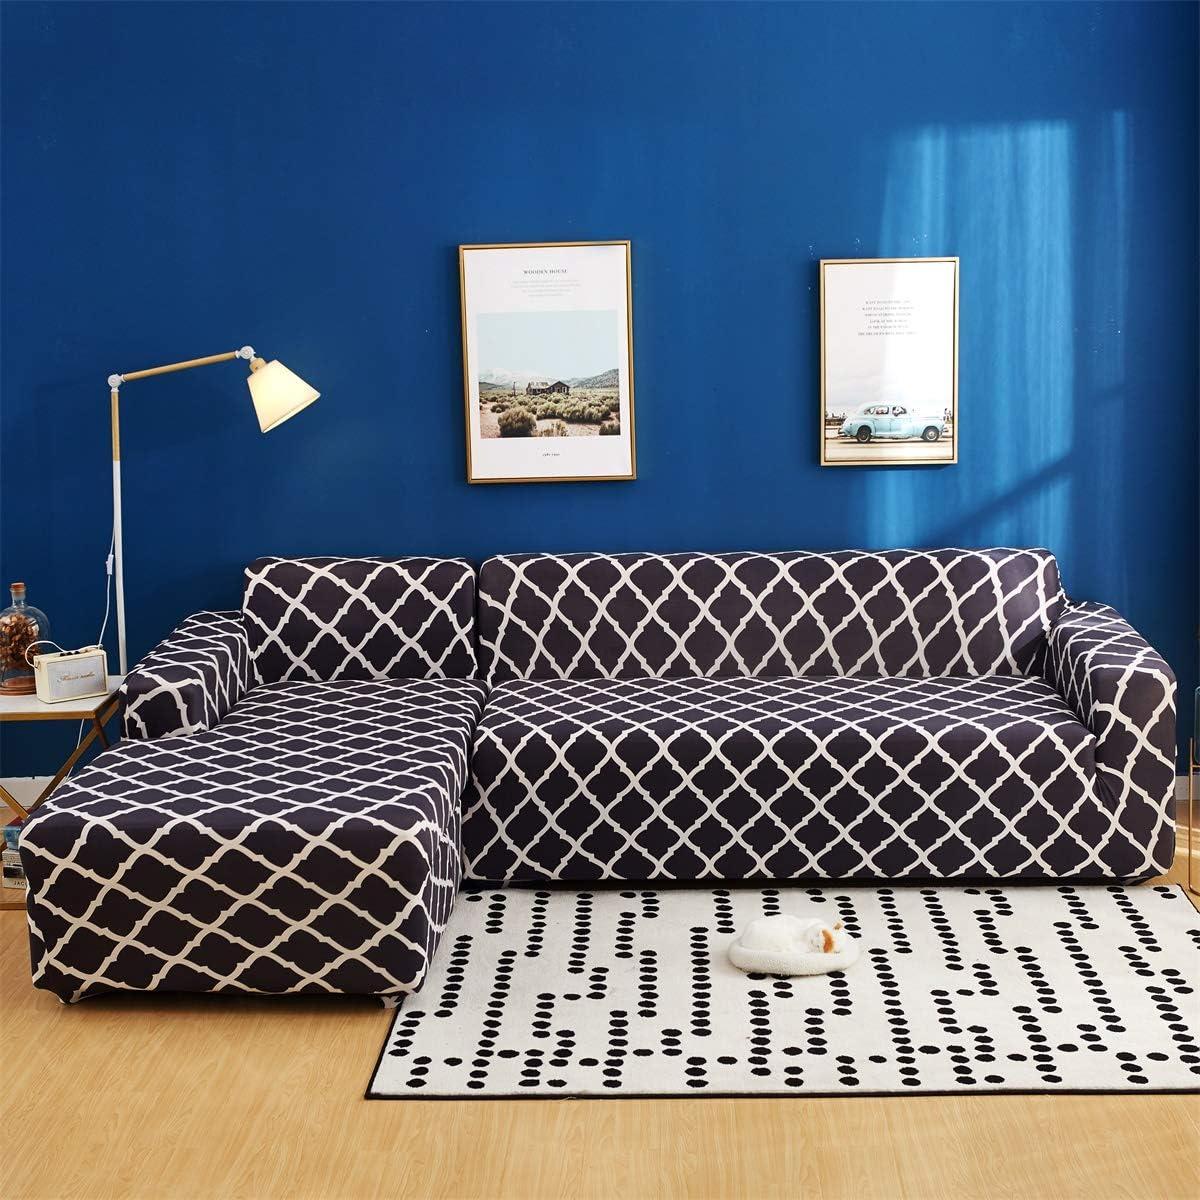 2pcs Oreiller Couvre pour Canap/é en L Canap/é JIAN YA NA Canap/é Extensible Covers Polyester Spandex Housse Polyester Tissu Stretch Slipcovers Beige